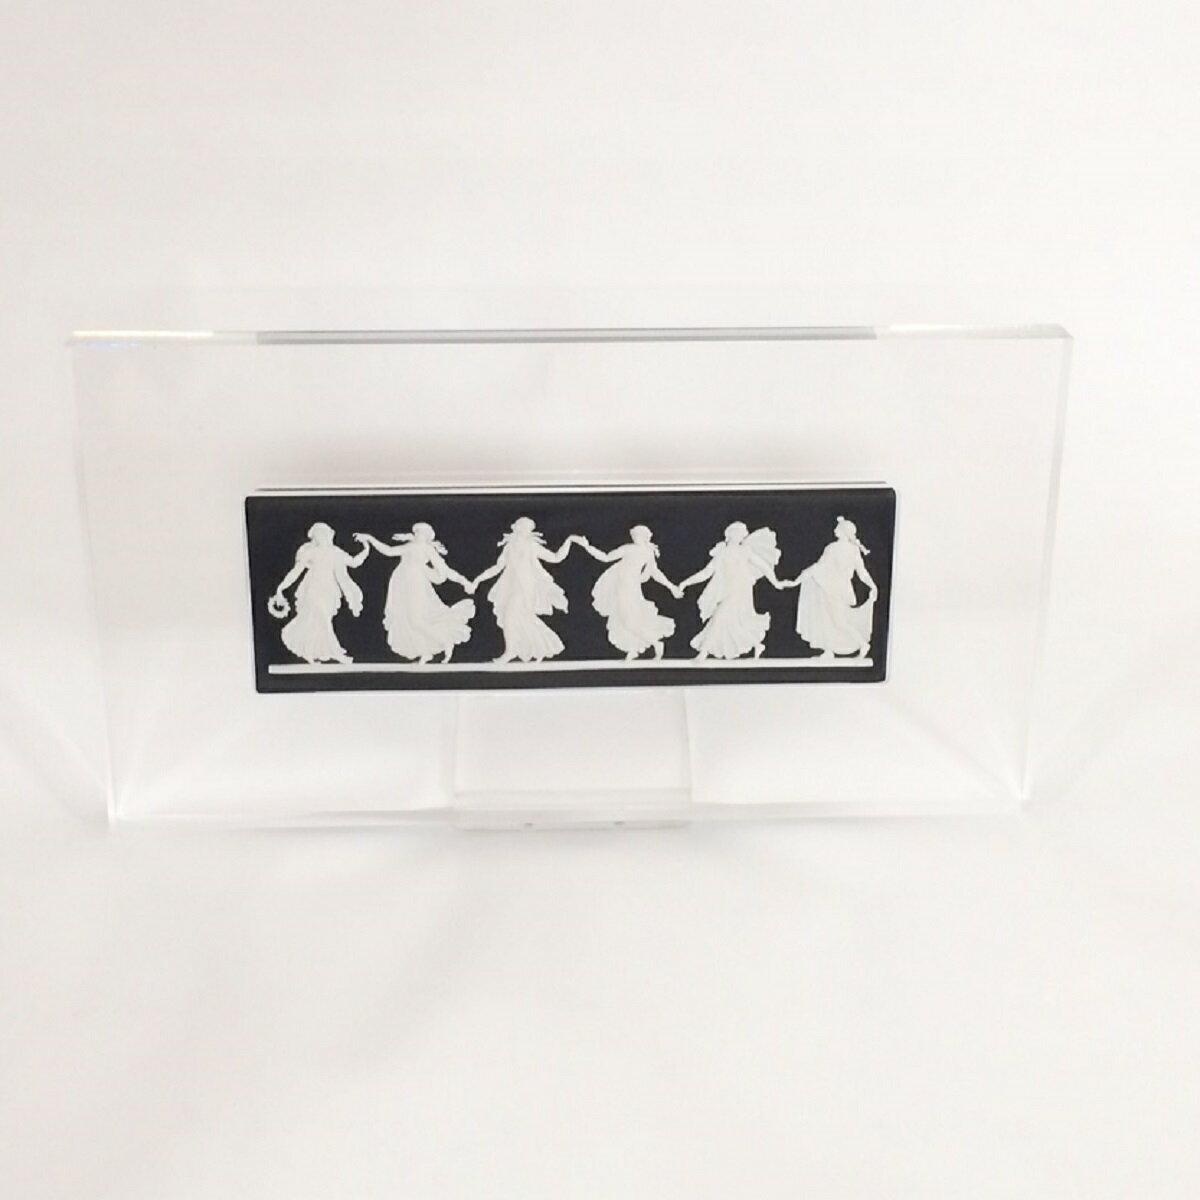 ウェッジウッド WEDGWOOD Dancing Hours Plaque ジャスパー 陶板 ブラック×ホワイト スタンド付き 新品同様品 【トレジャースポット】【中古】:Treasure Spot